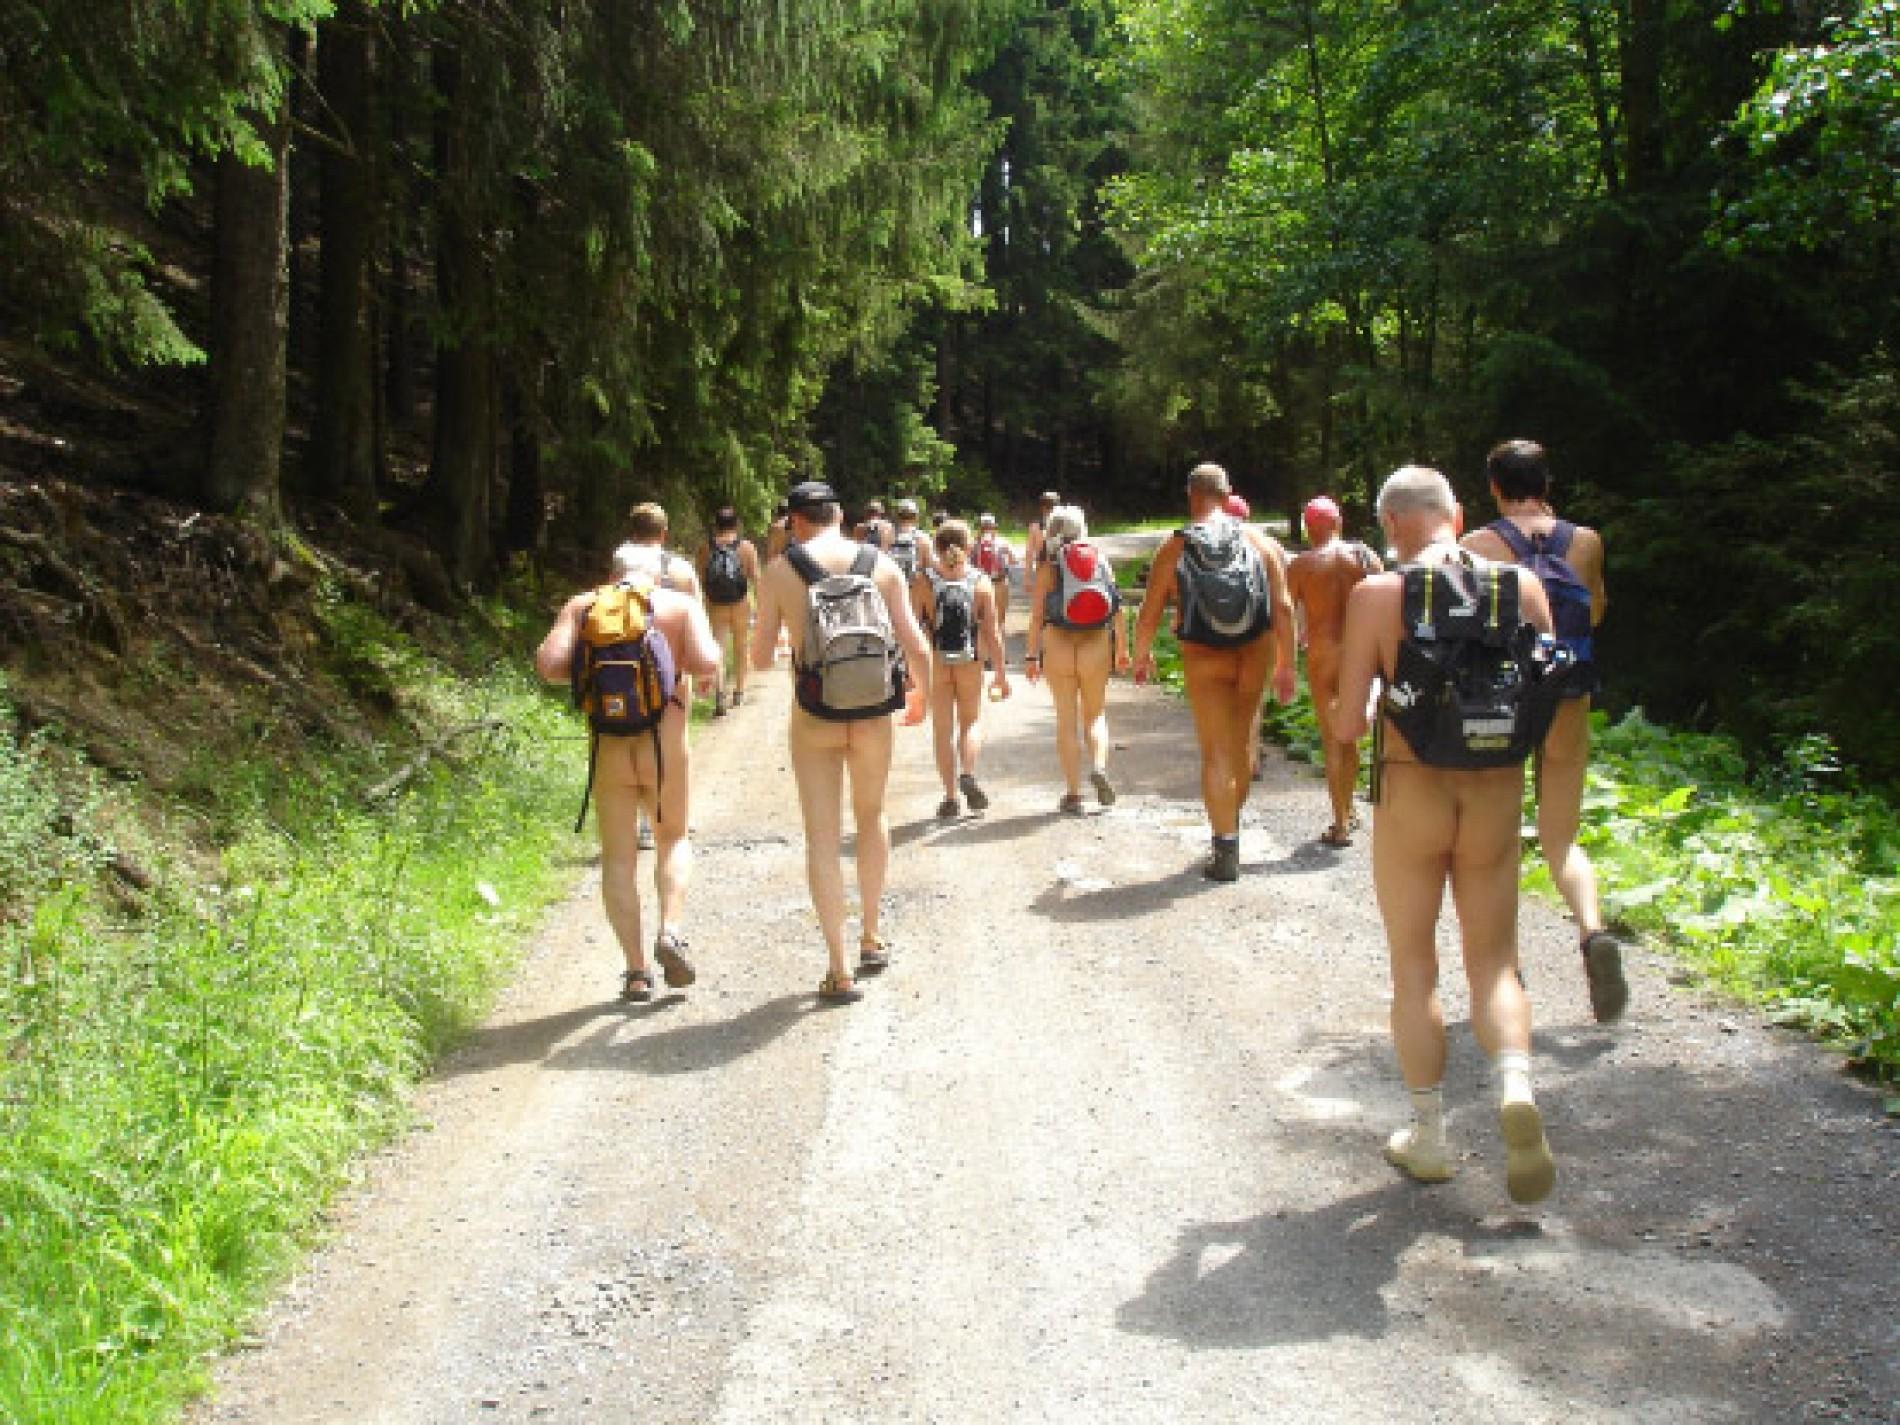 Gehen videos spazieren nackt Popular Nackt